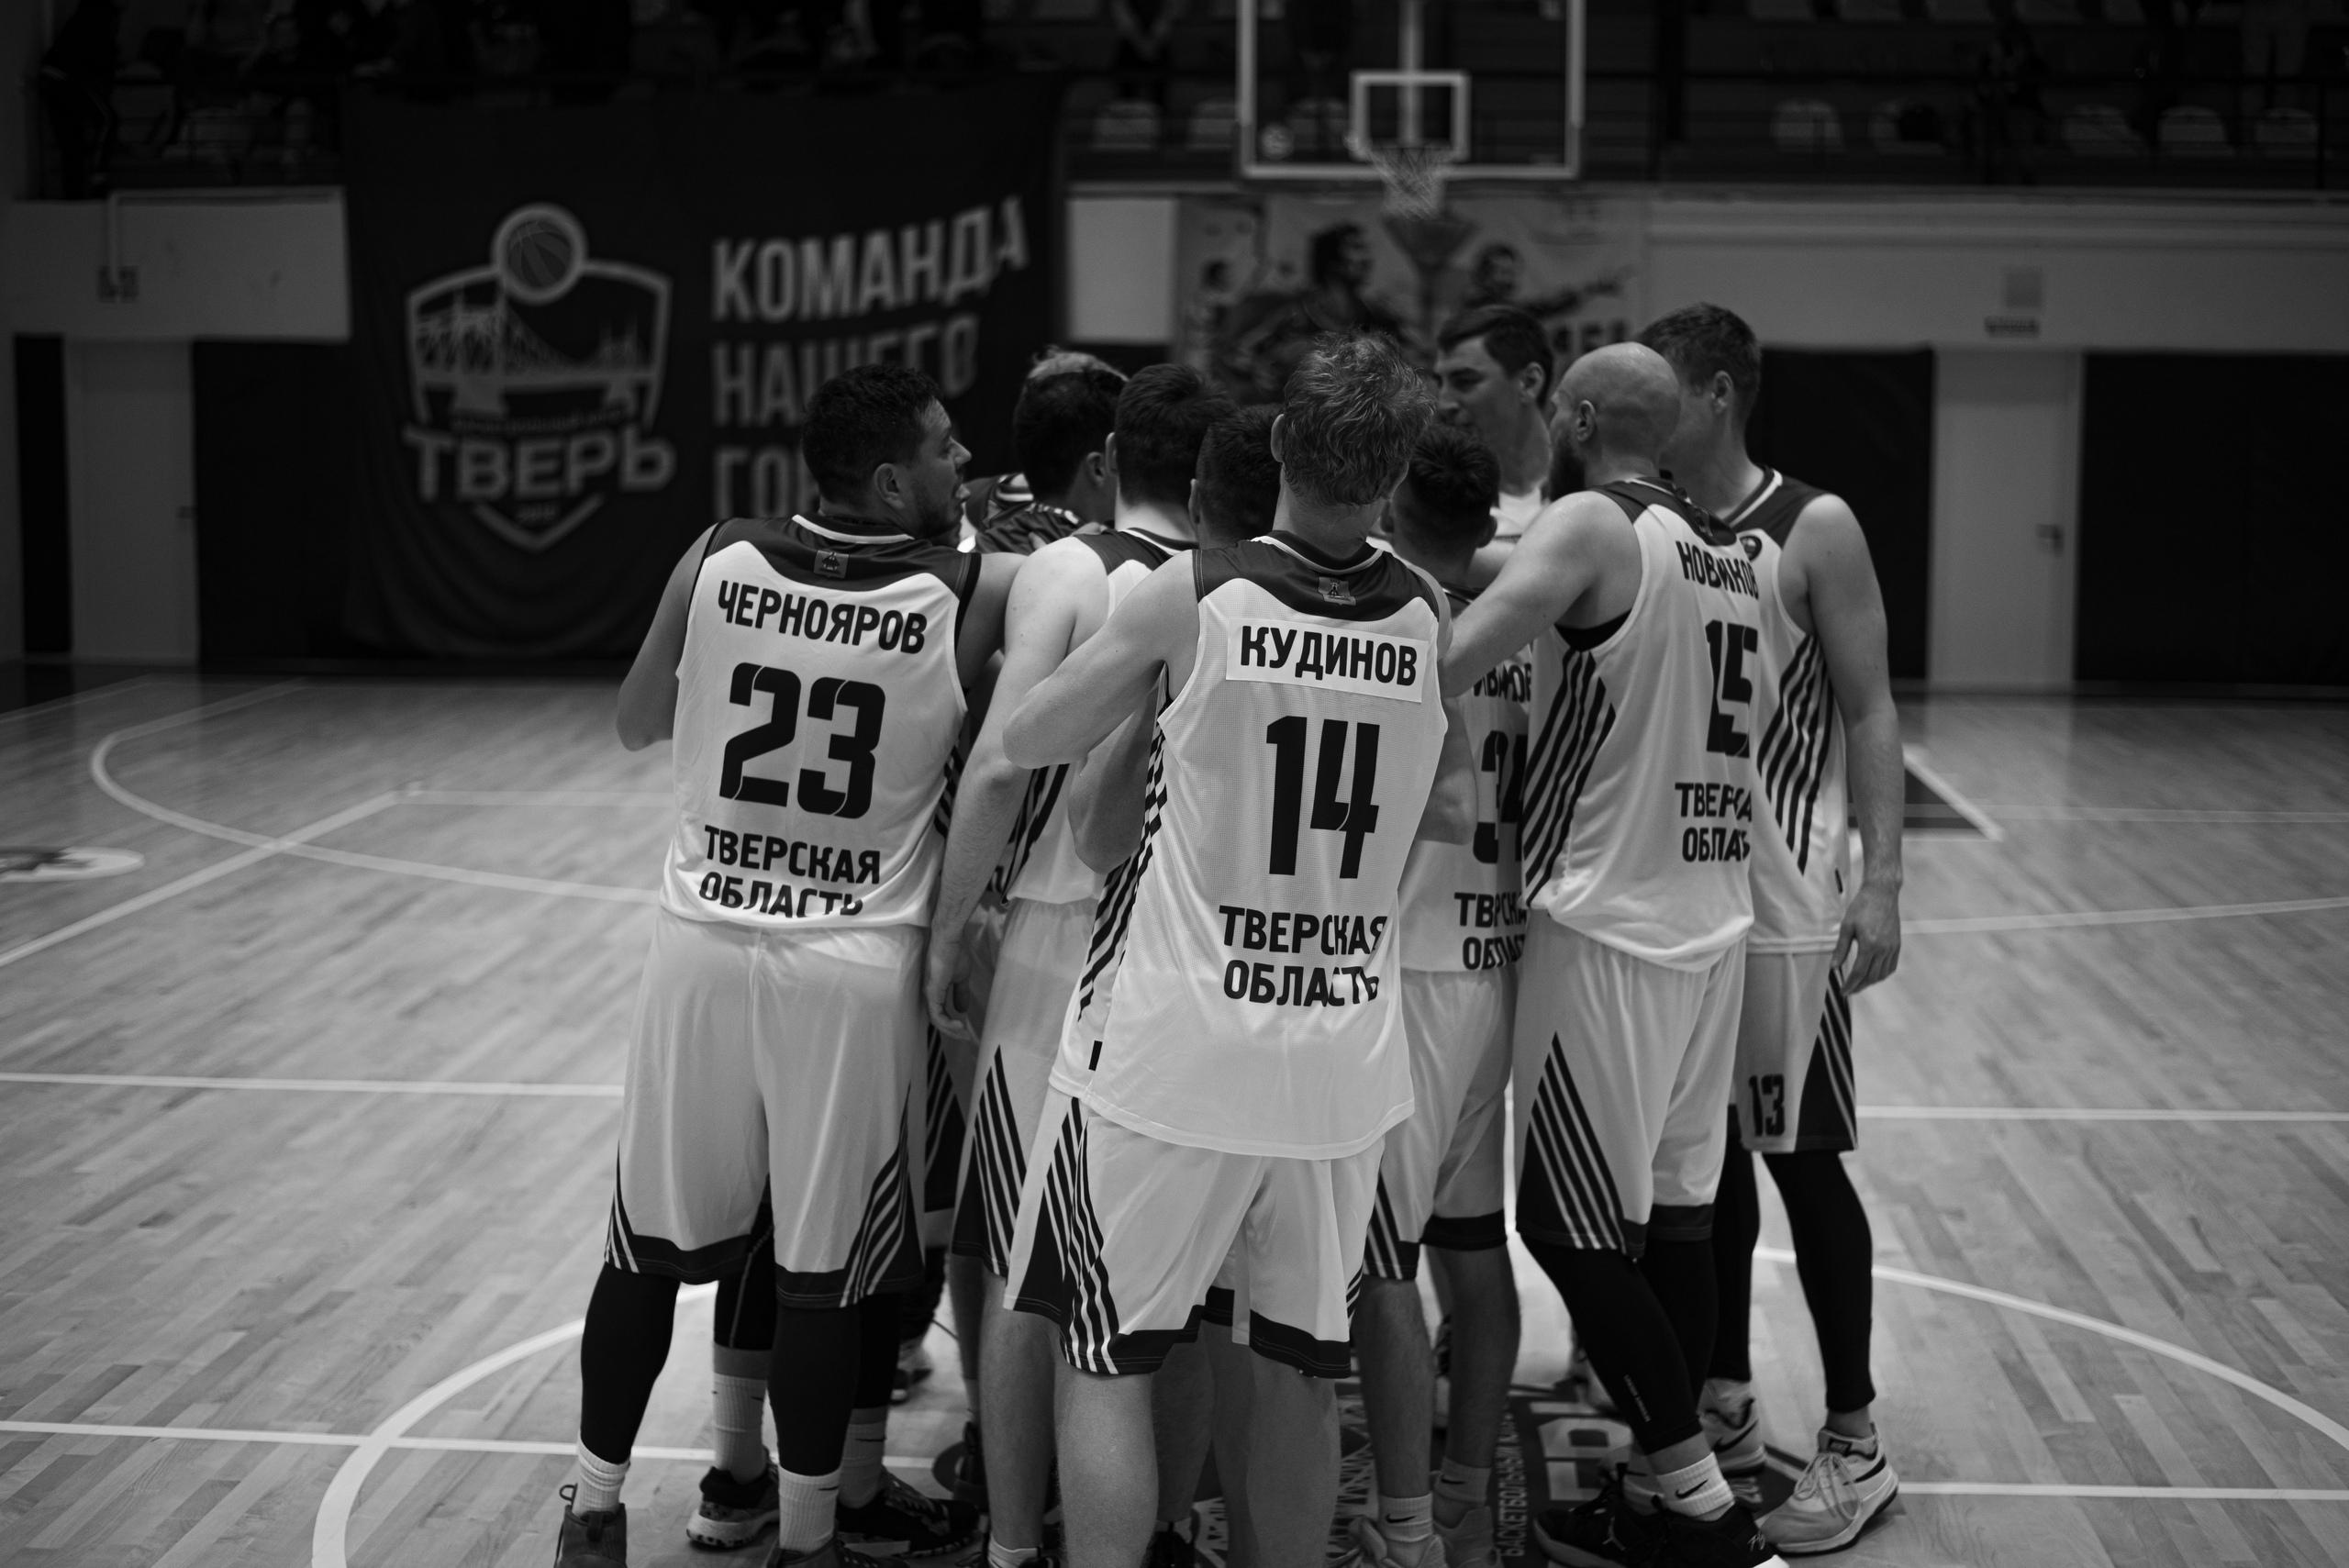 Тверские спортсмены отправятся в Тулу на Первенство ЦФО по баскетболу